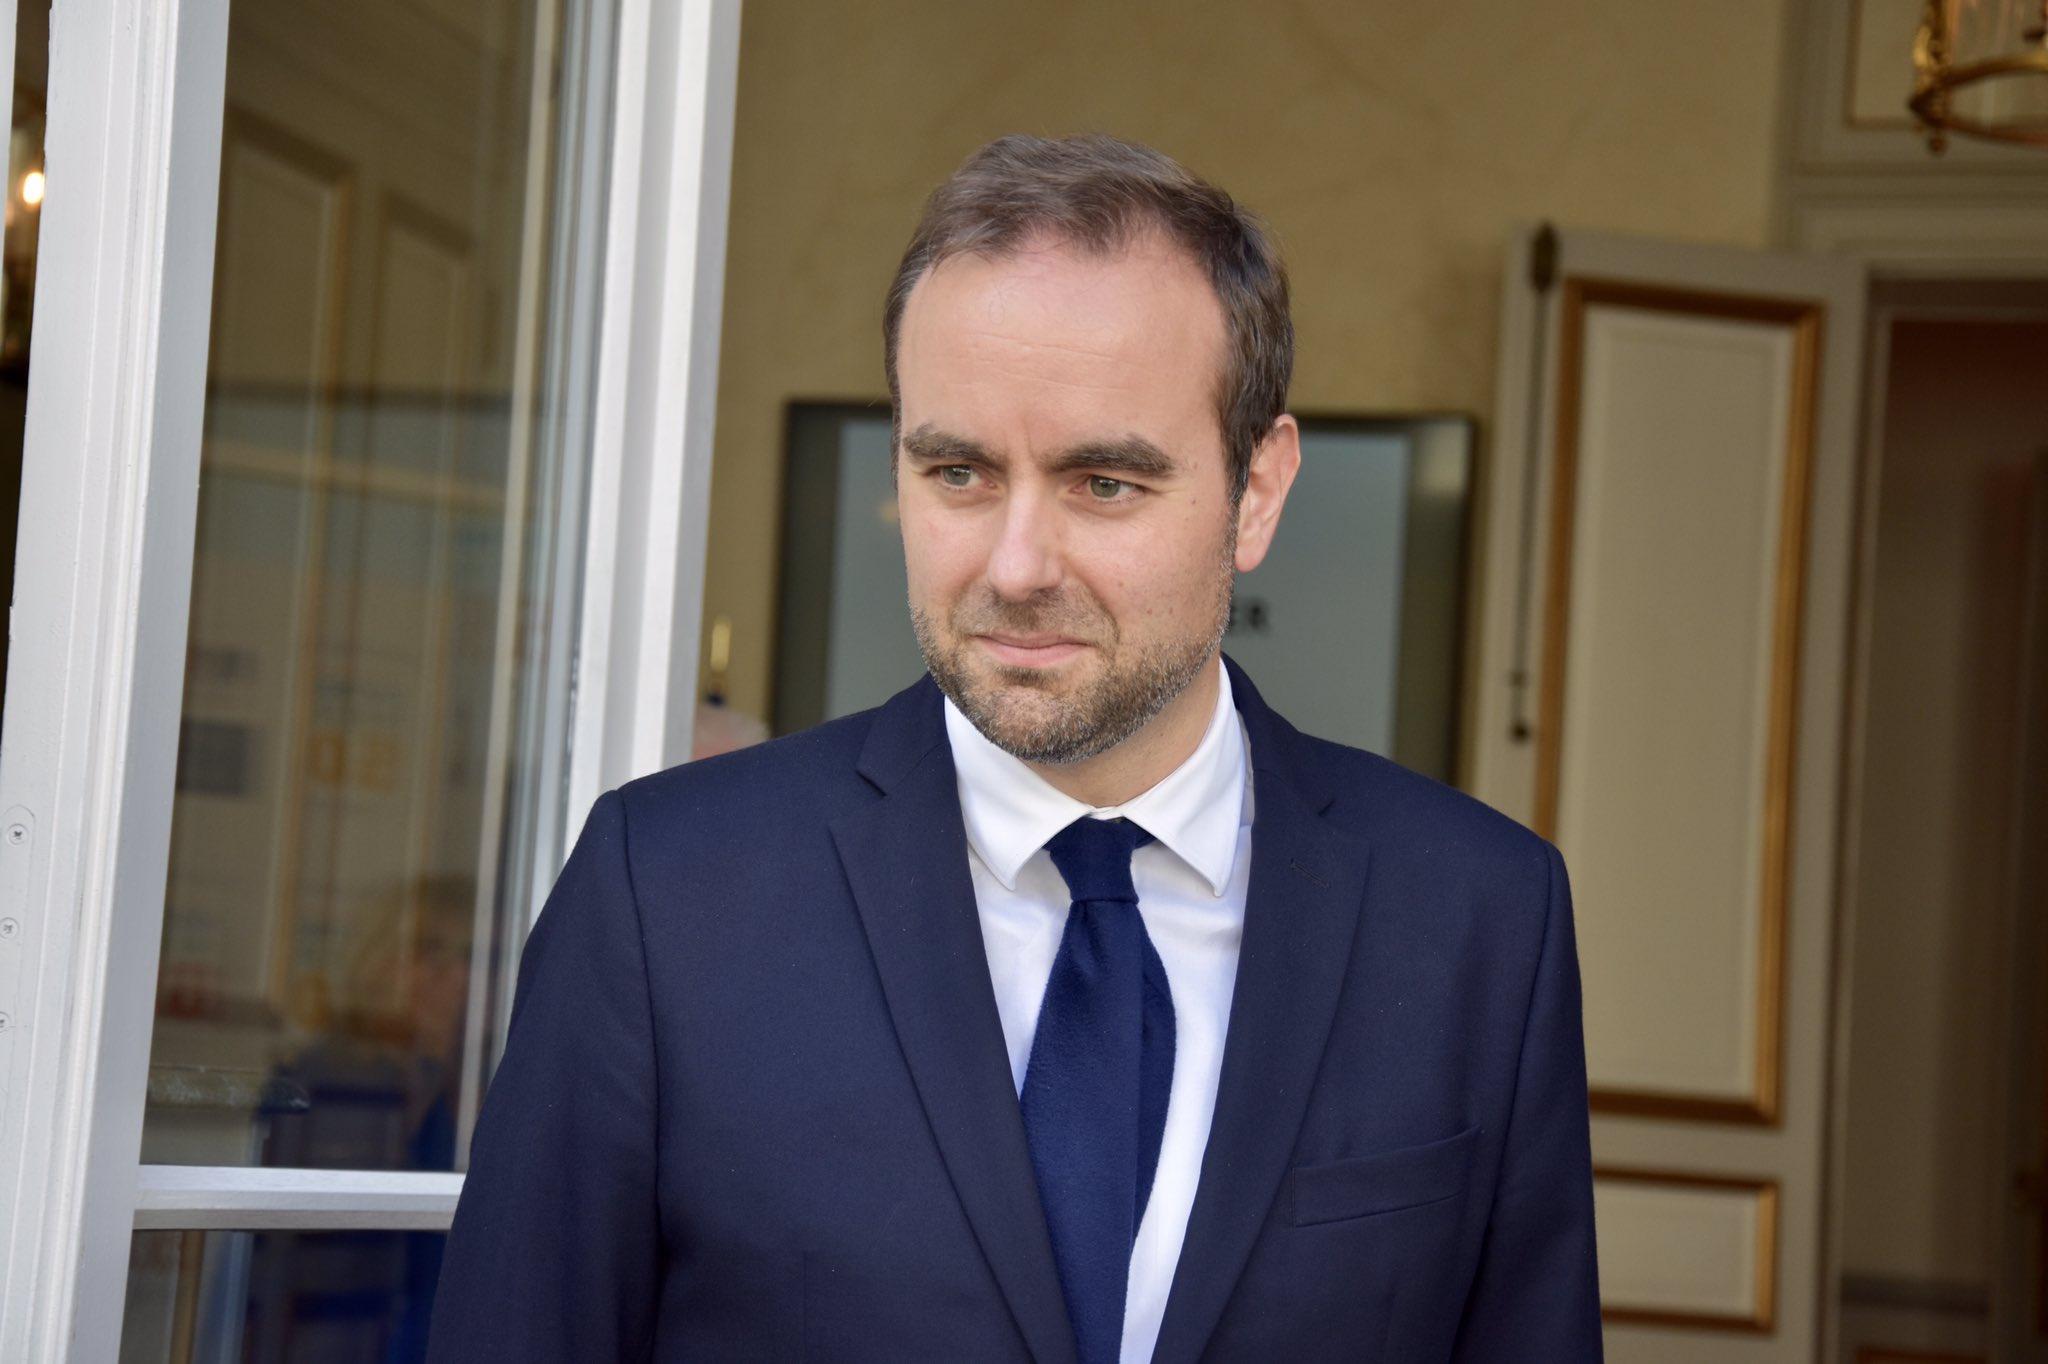 Mayotte : Nouveau report de la visite de Sébastien Lecornu et de Gérald Darmanin sur l'île